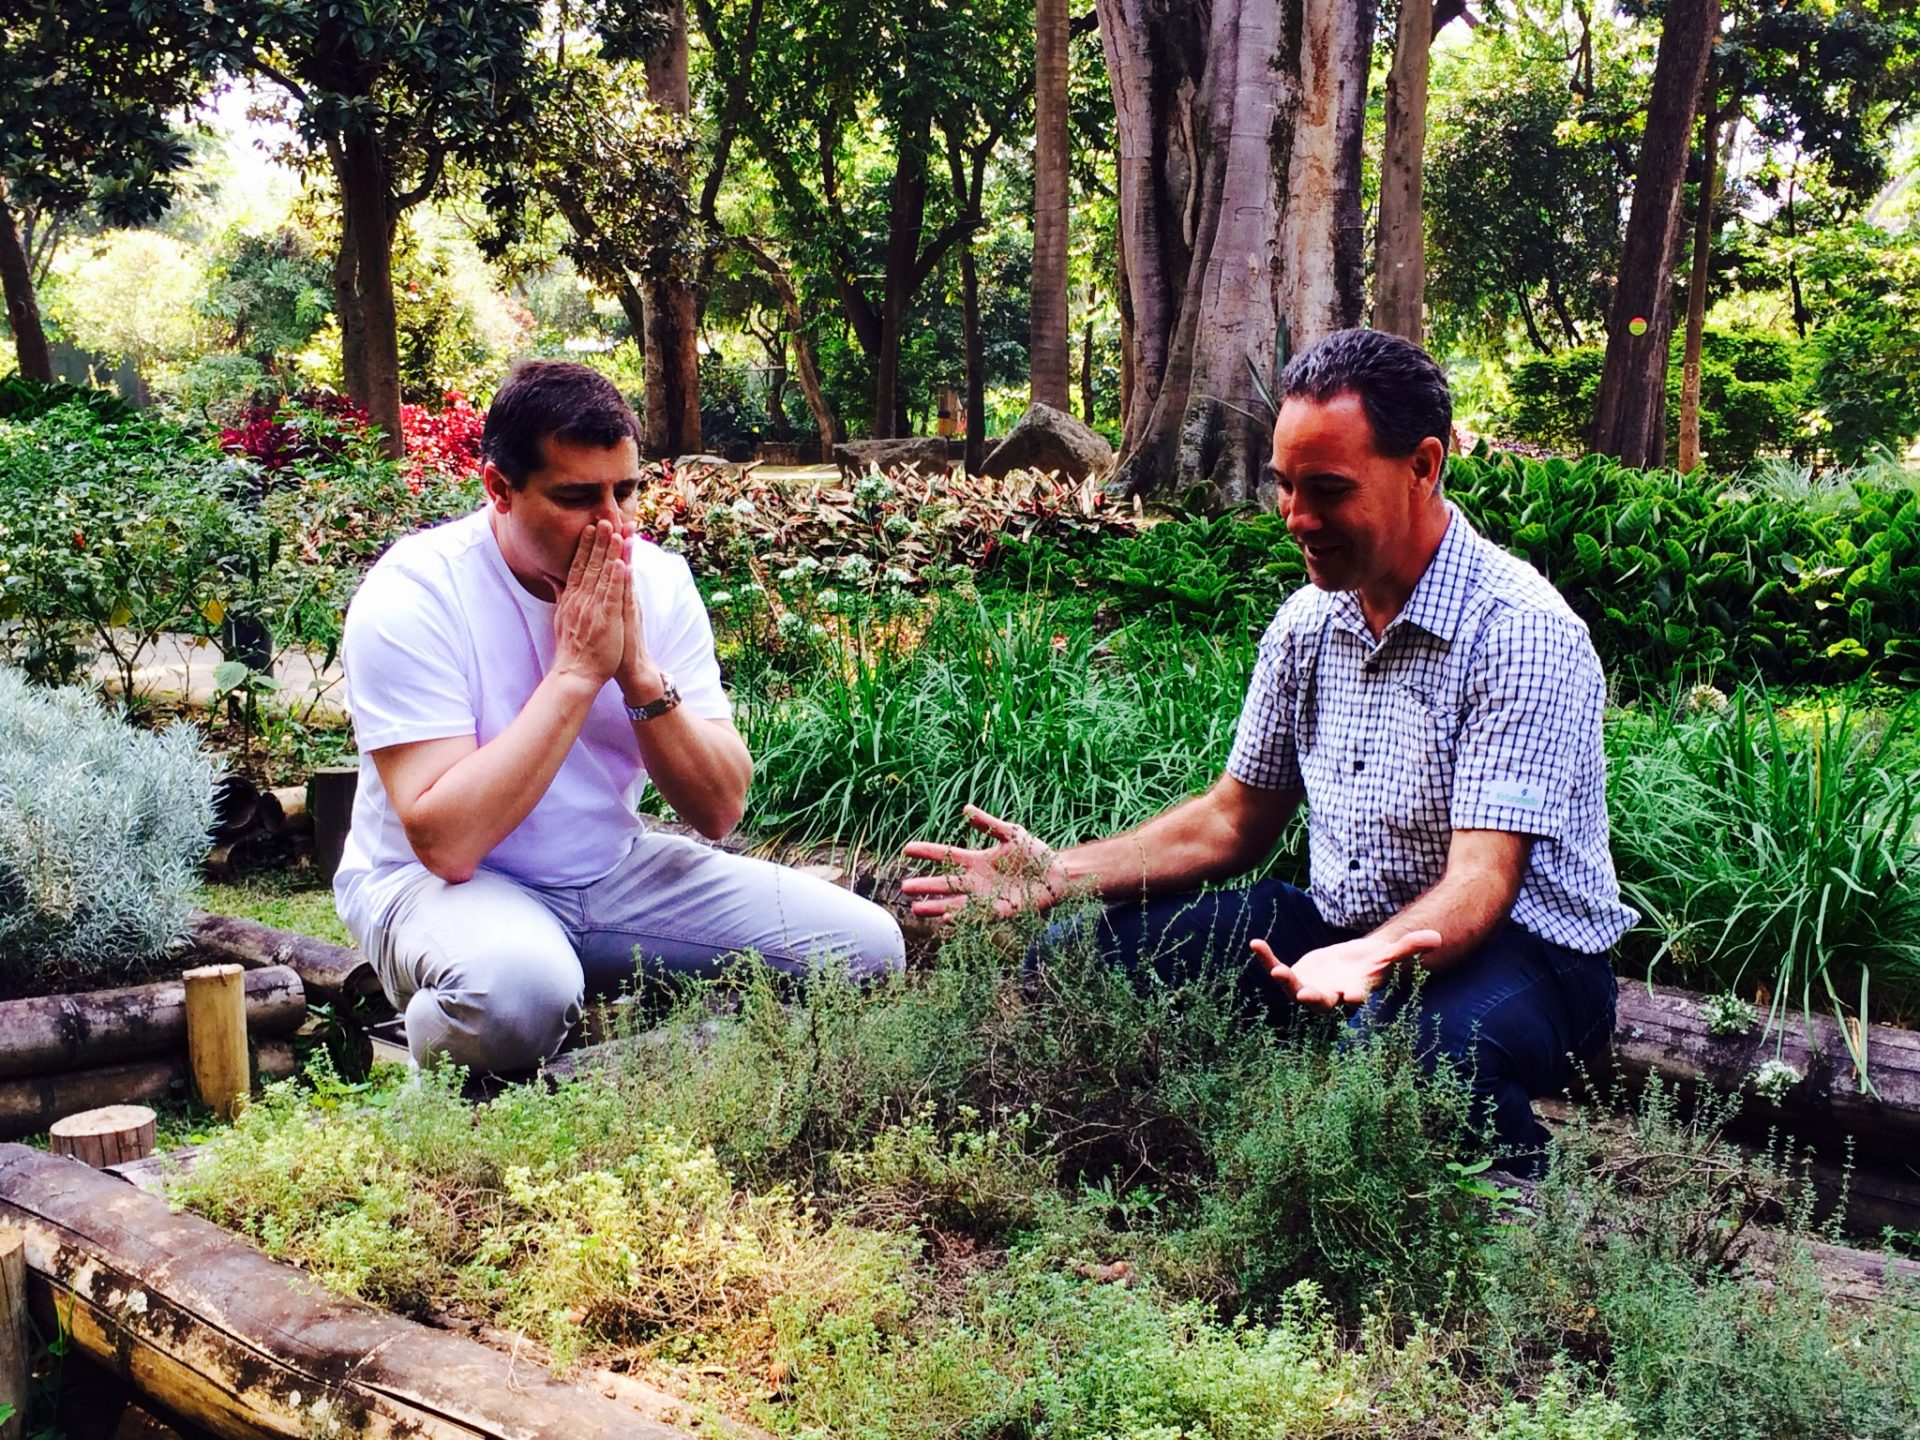 Fotografía de Josep Roca y Evarist March, el especialista en flora y botánica de El Celler de Can Roca